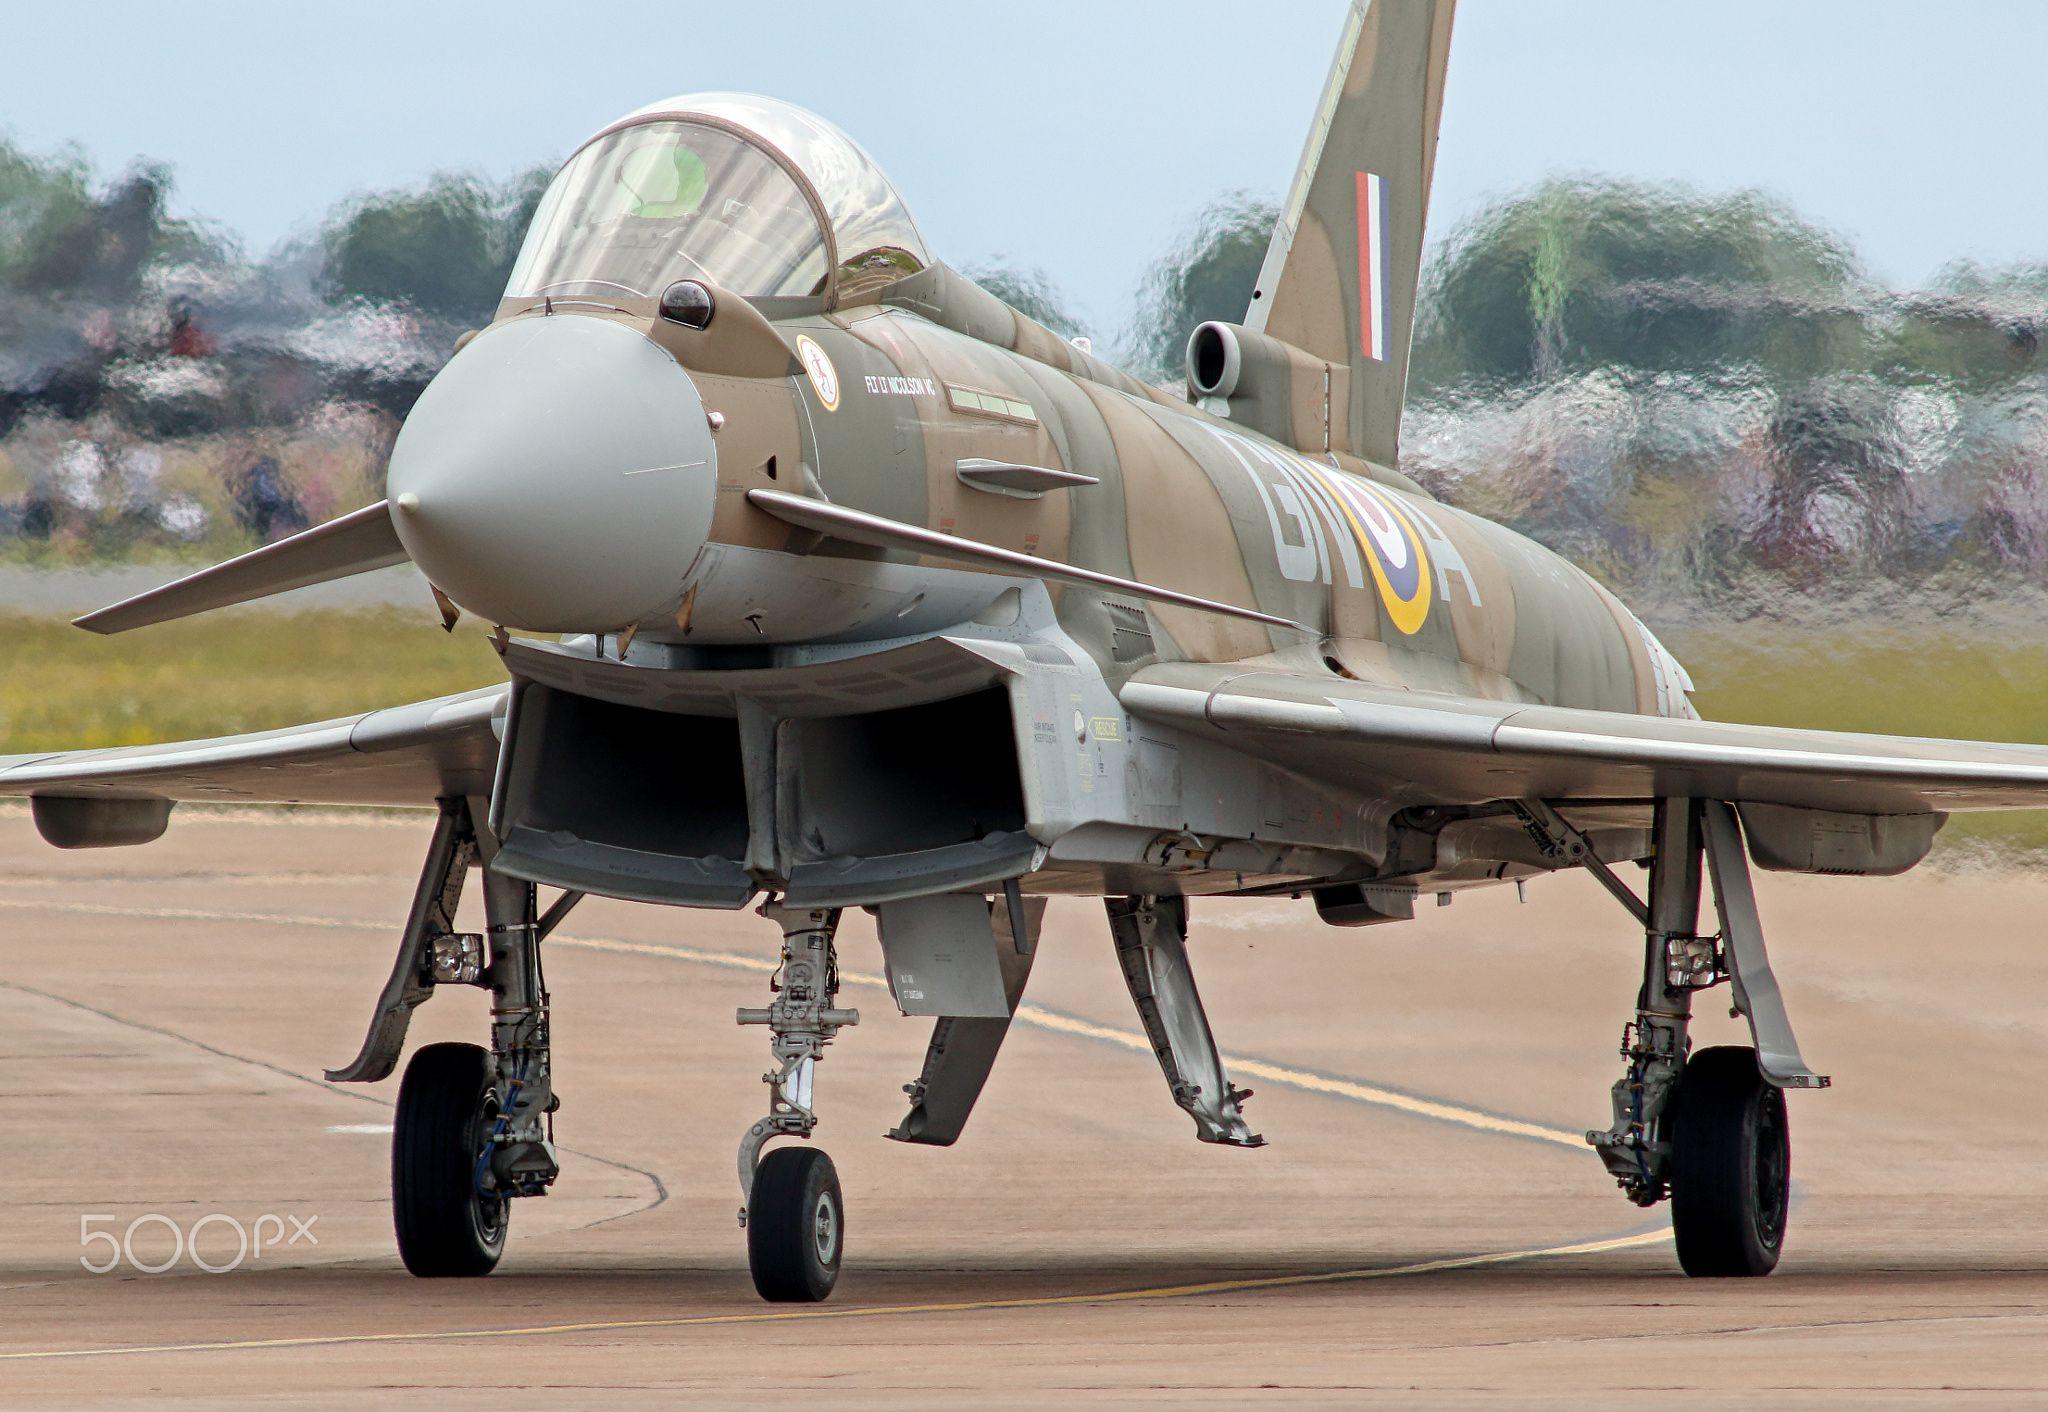 Eurofighter Typhoon - Eurofighter Typhoon